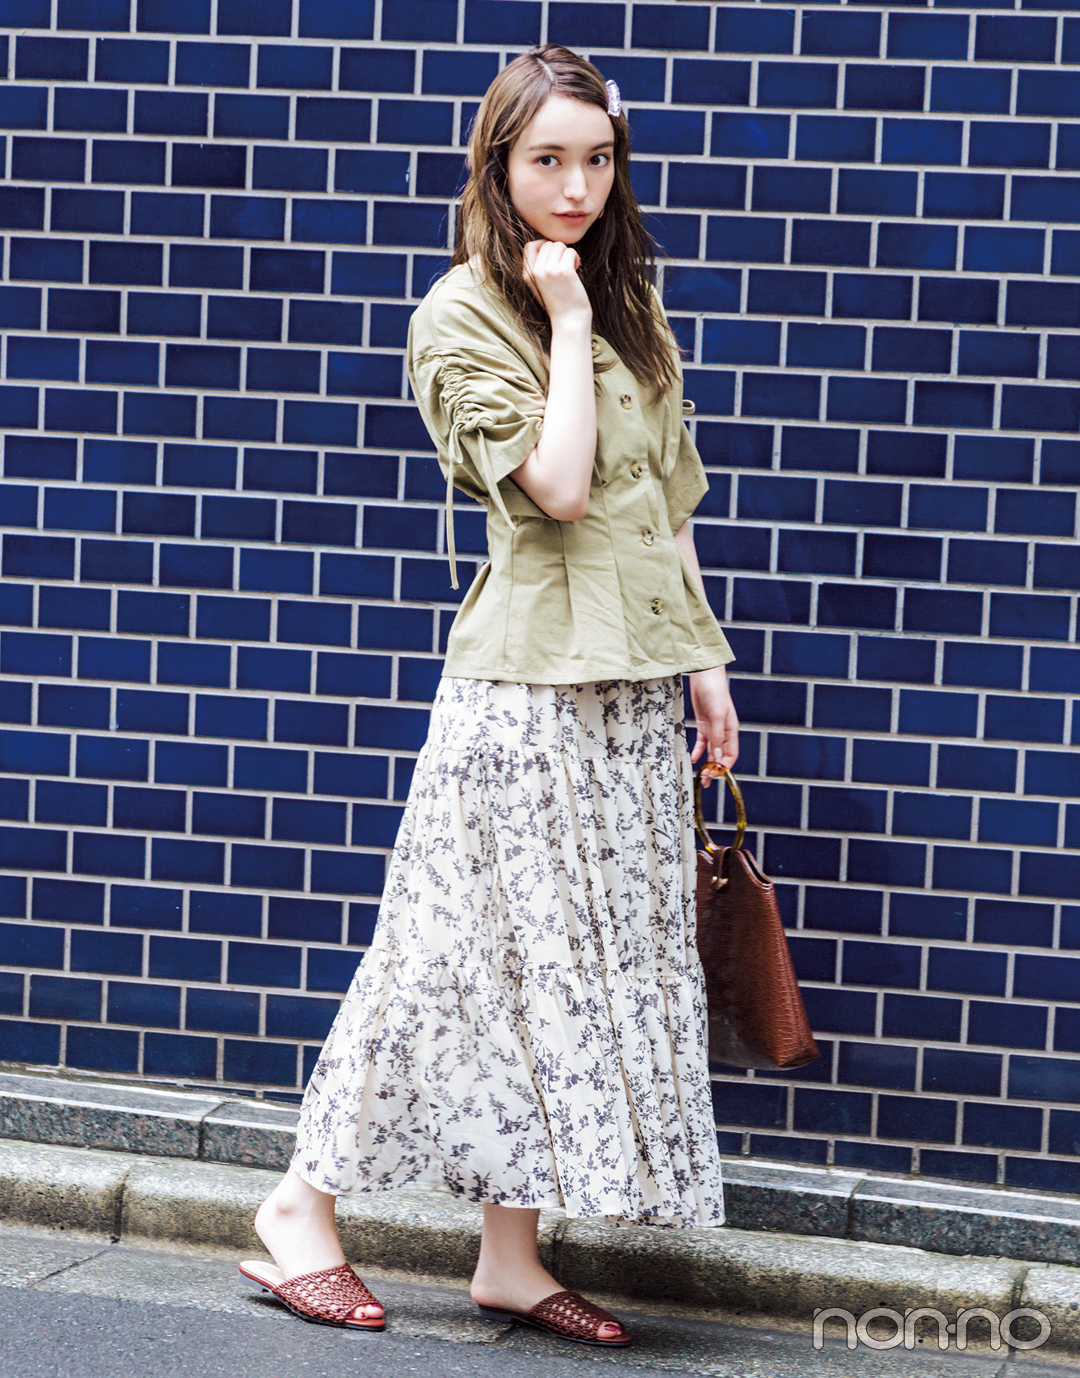 2019秋トレンド★ シフォン&チュールのスカートは秋のスタメン決定!_1_2-1